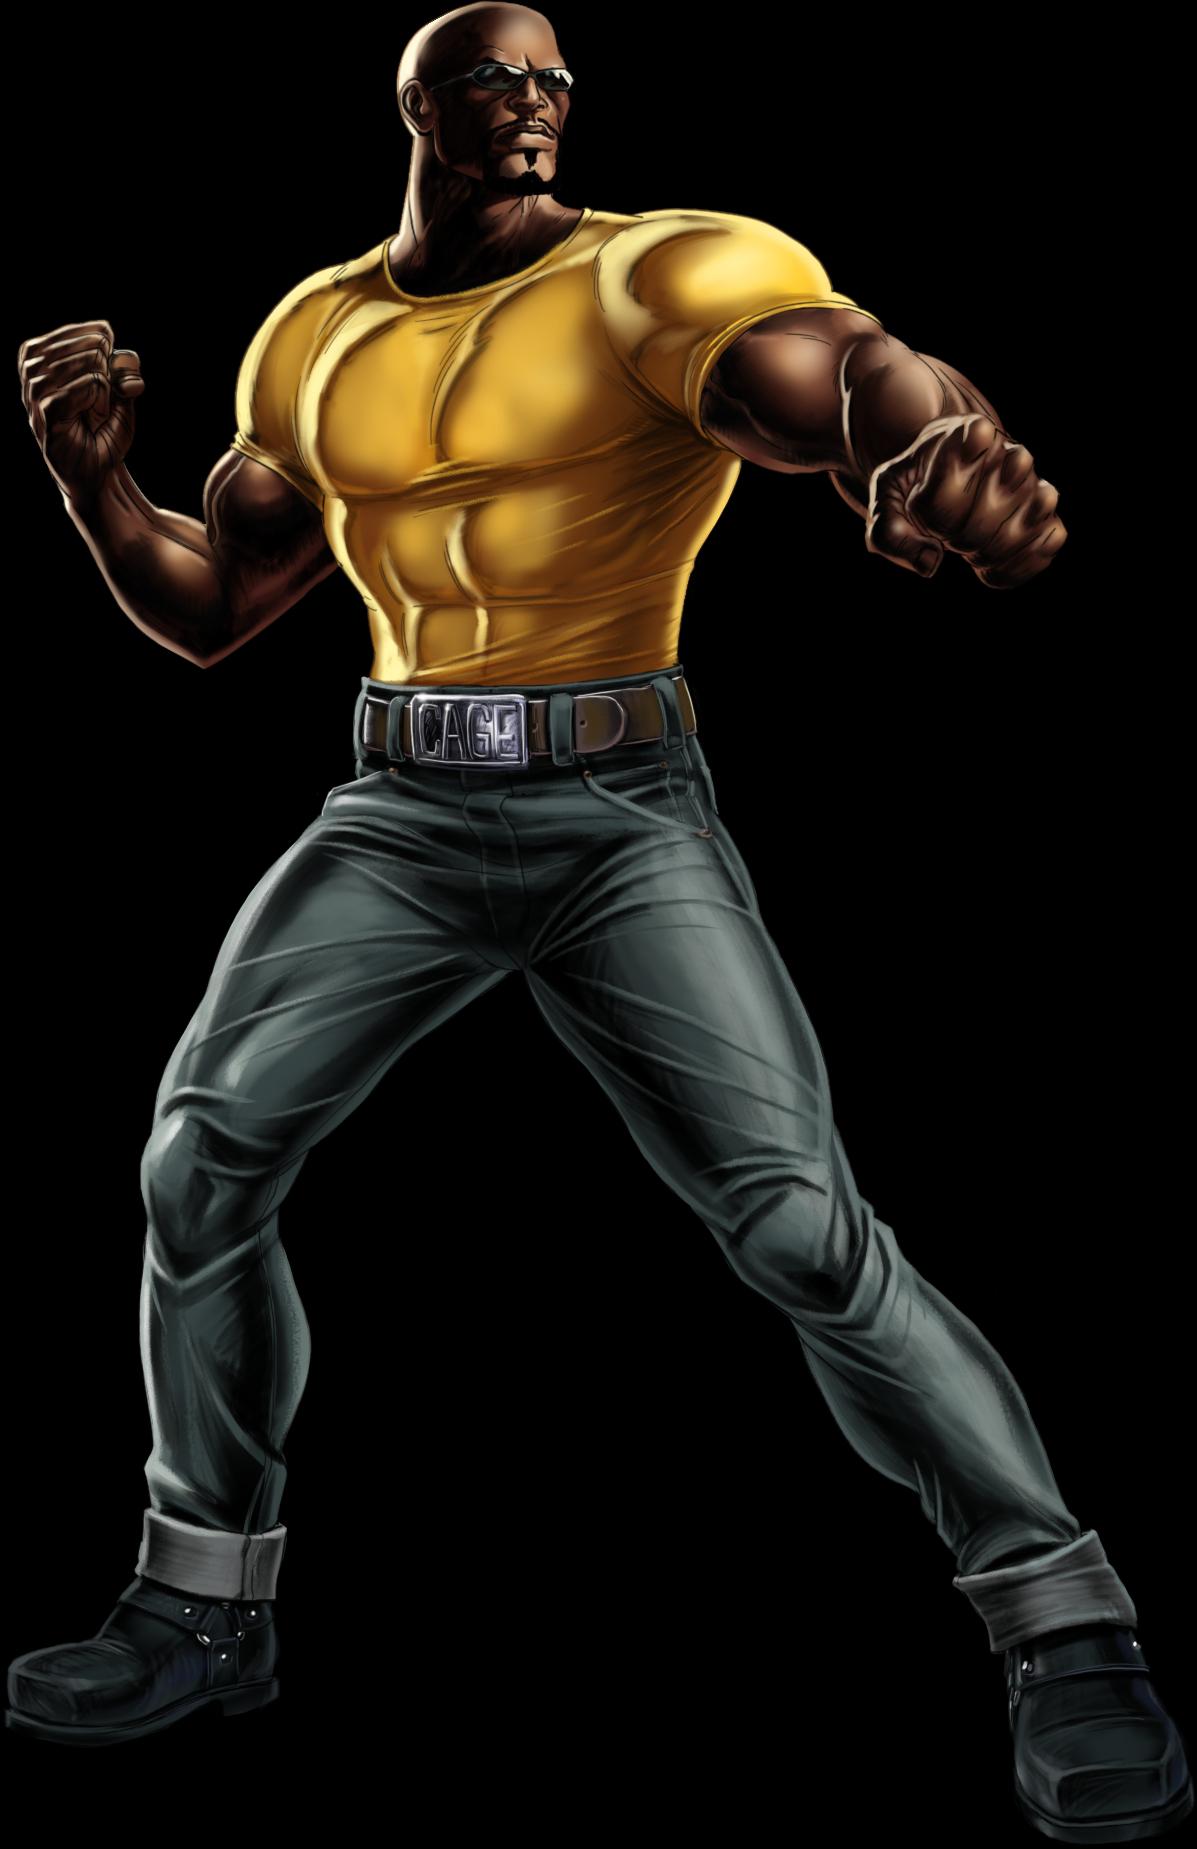 Luke Cage Earth 12131 Luke Cage Marvel Marvel Avengers Alliance Luke Cage